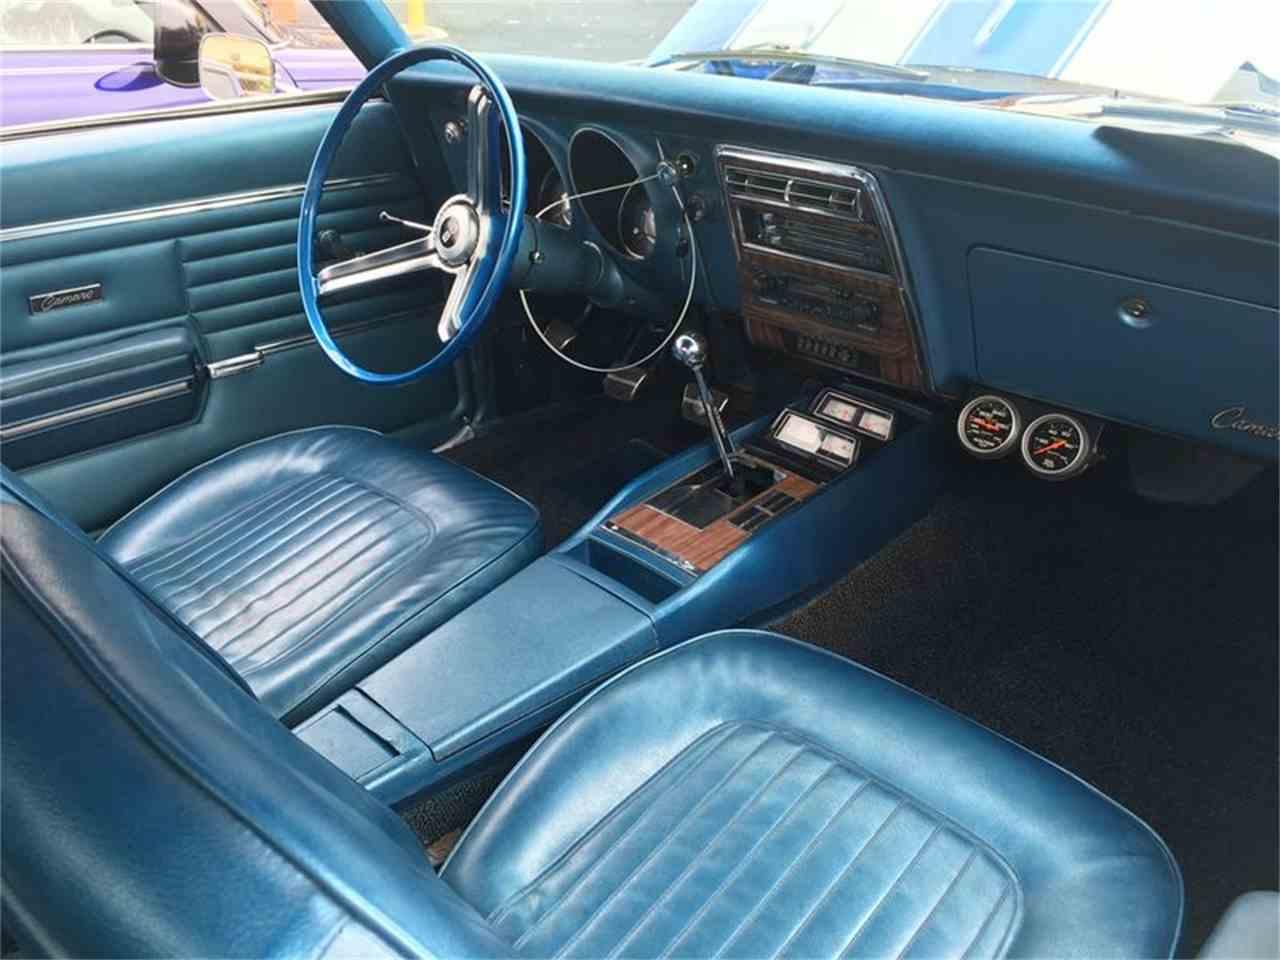 1968 Chevrolet Camaro Ss For Sale Classiccars Com Cc